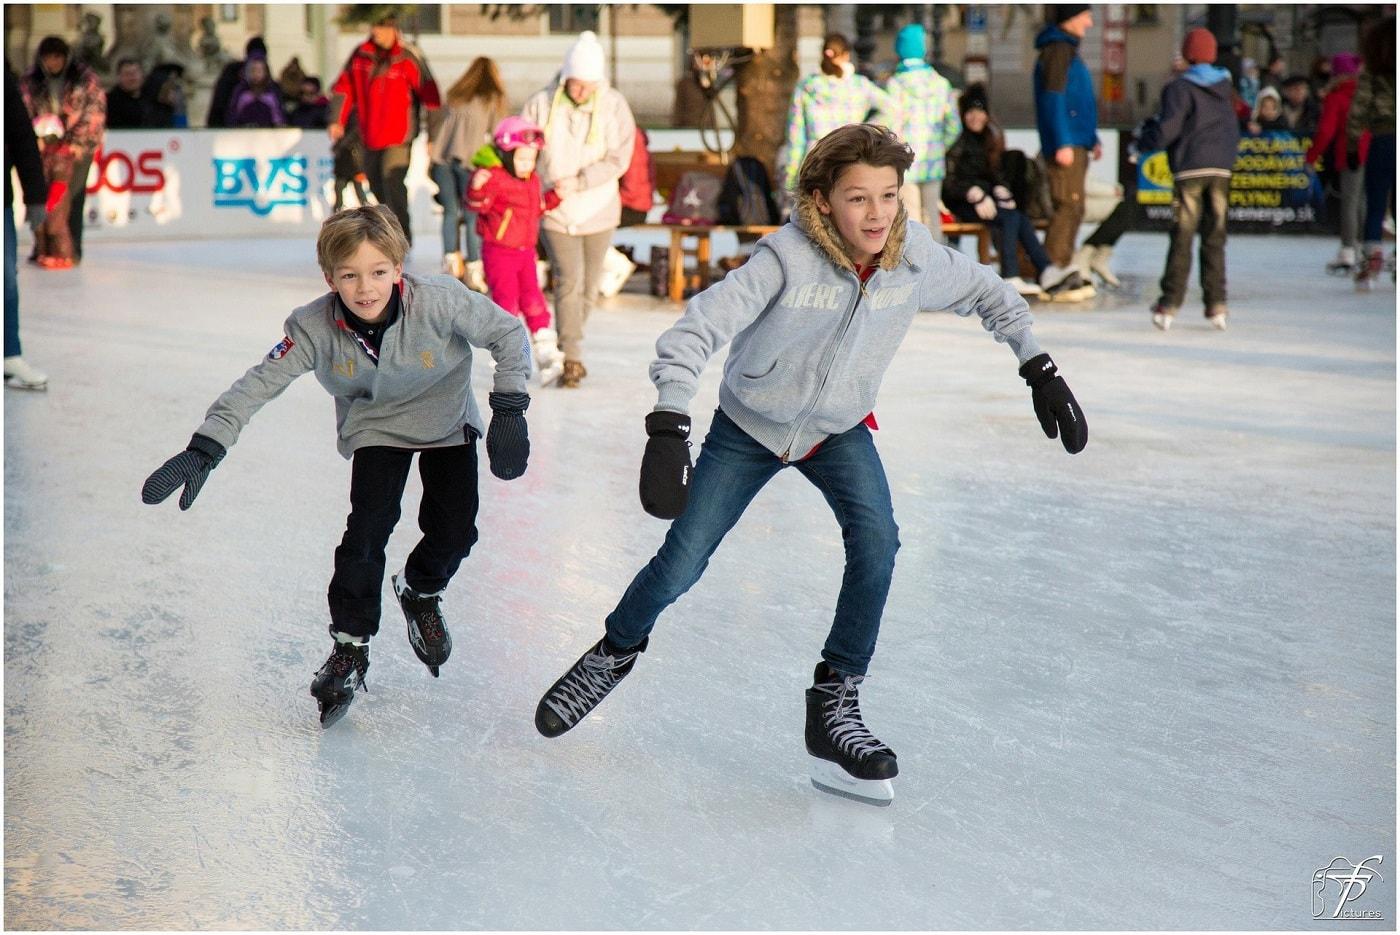 Eisbahnen zum Schlittschuhlaufen mit Kindern in Berlin: Kinder auf der Eisbahn // HIMBEER